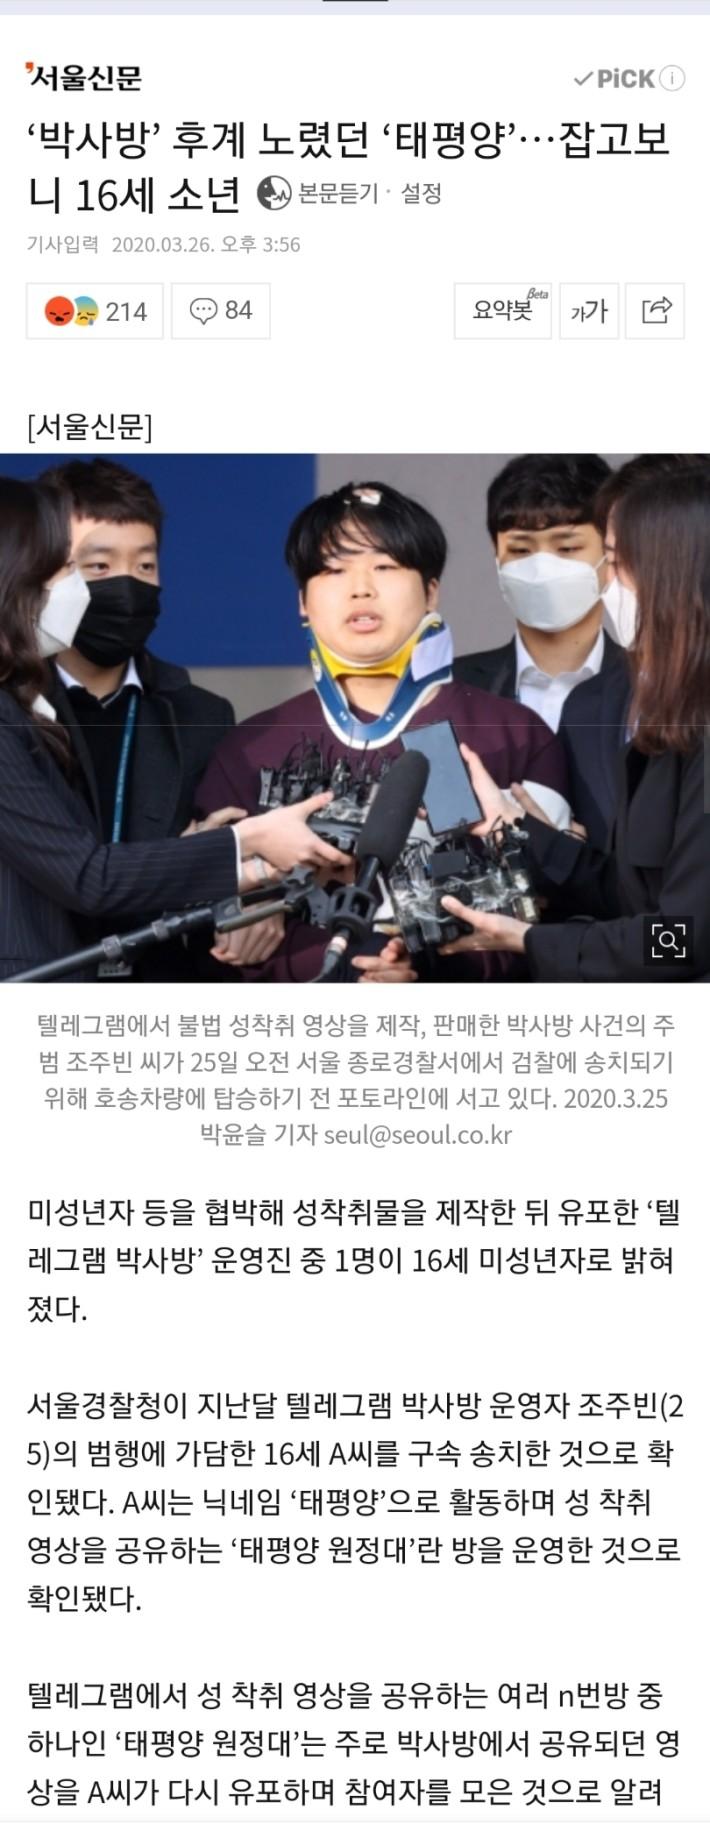 어메이징한 대한민국